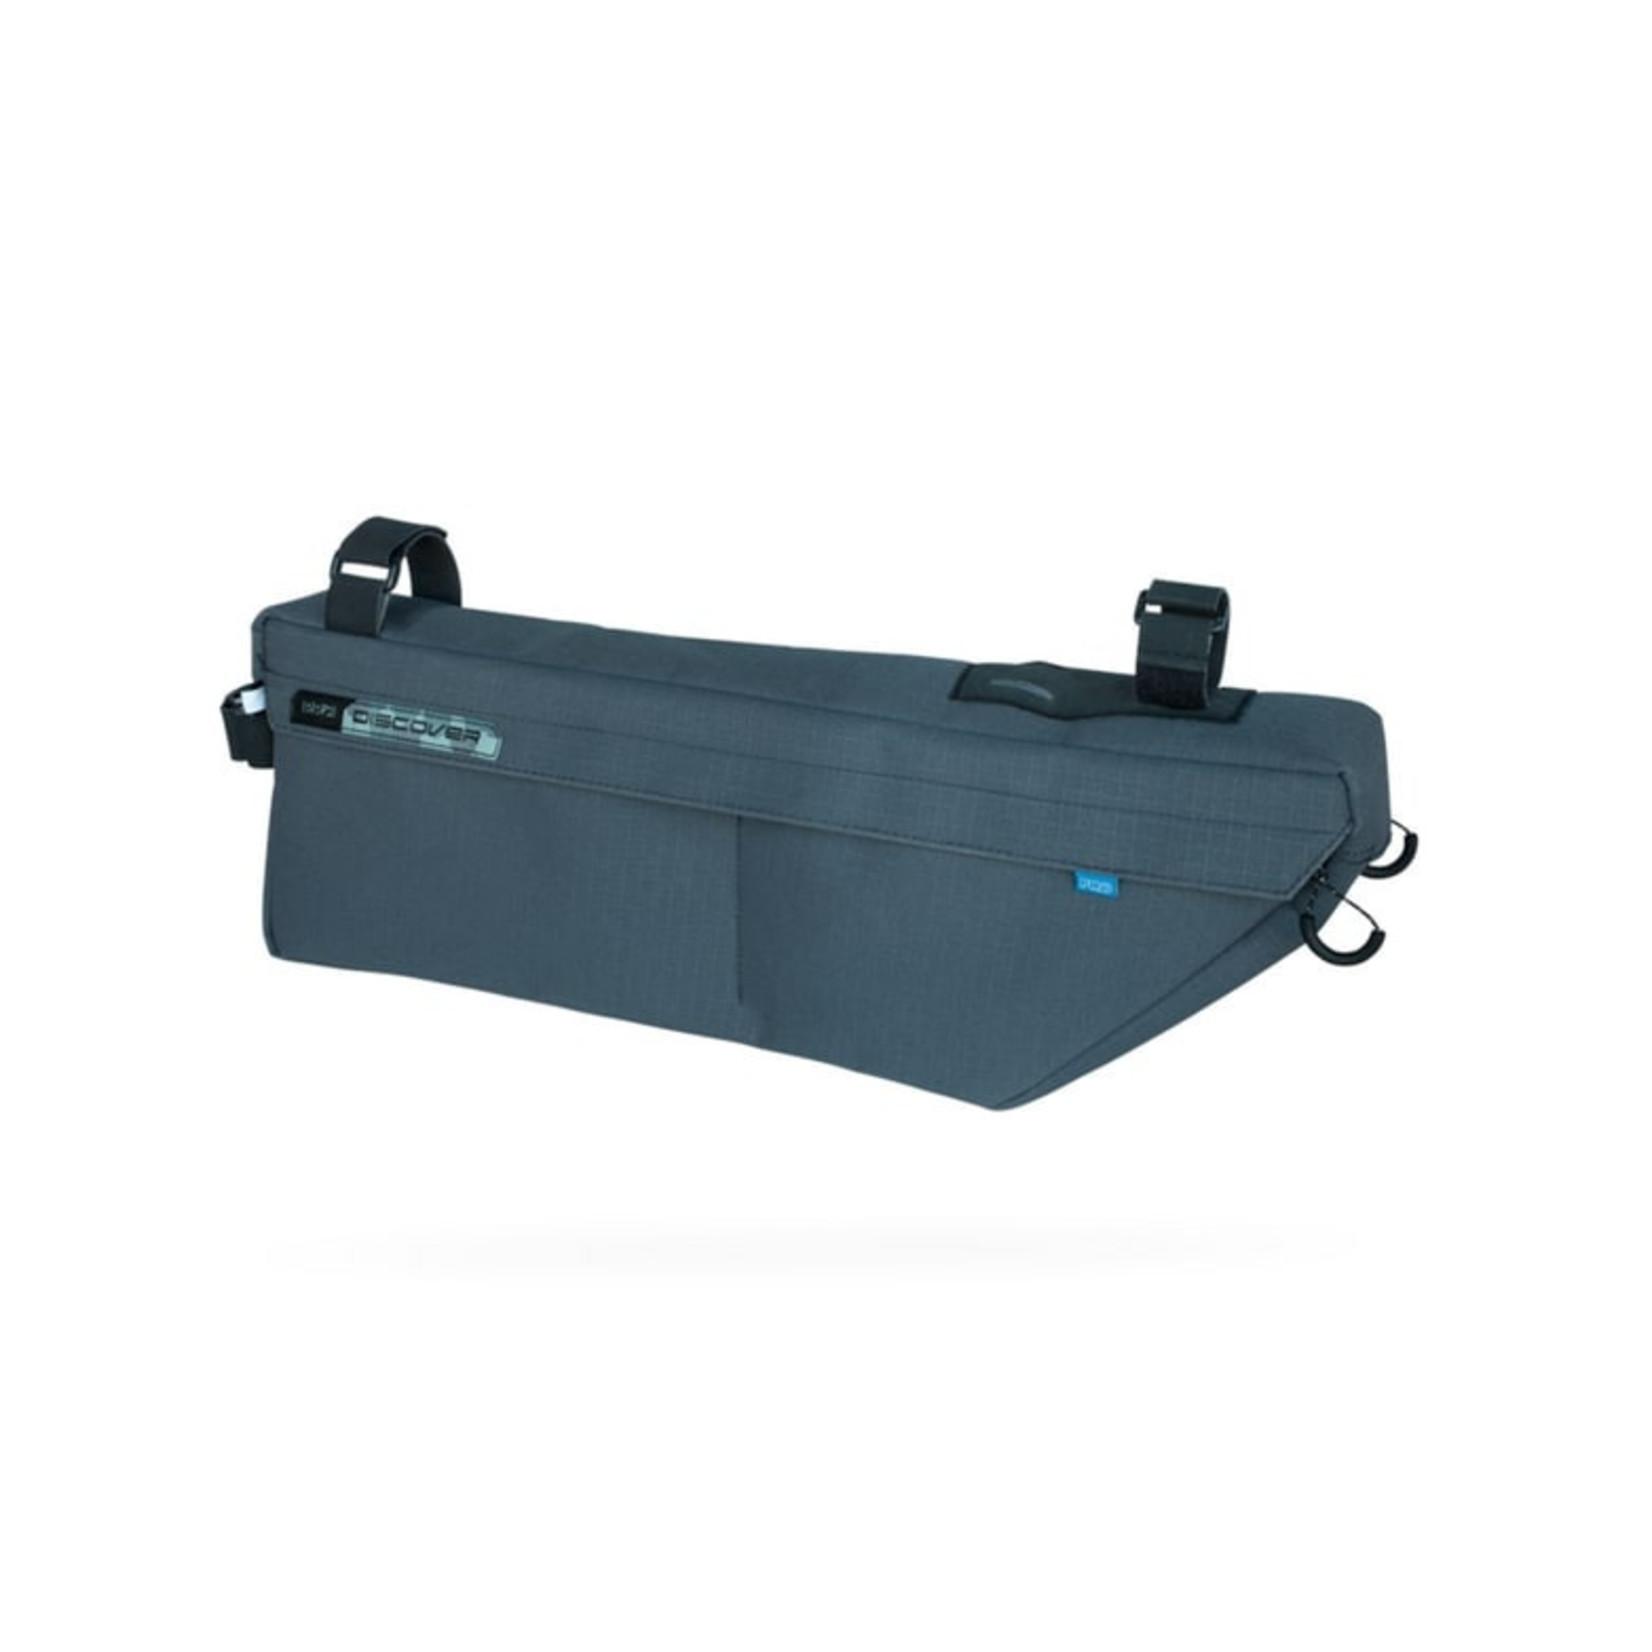 Pro Pro Discover Frame Bag